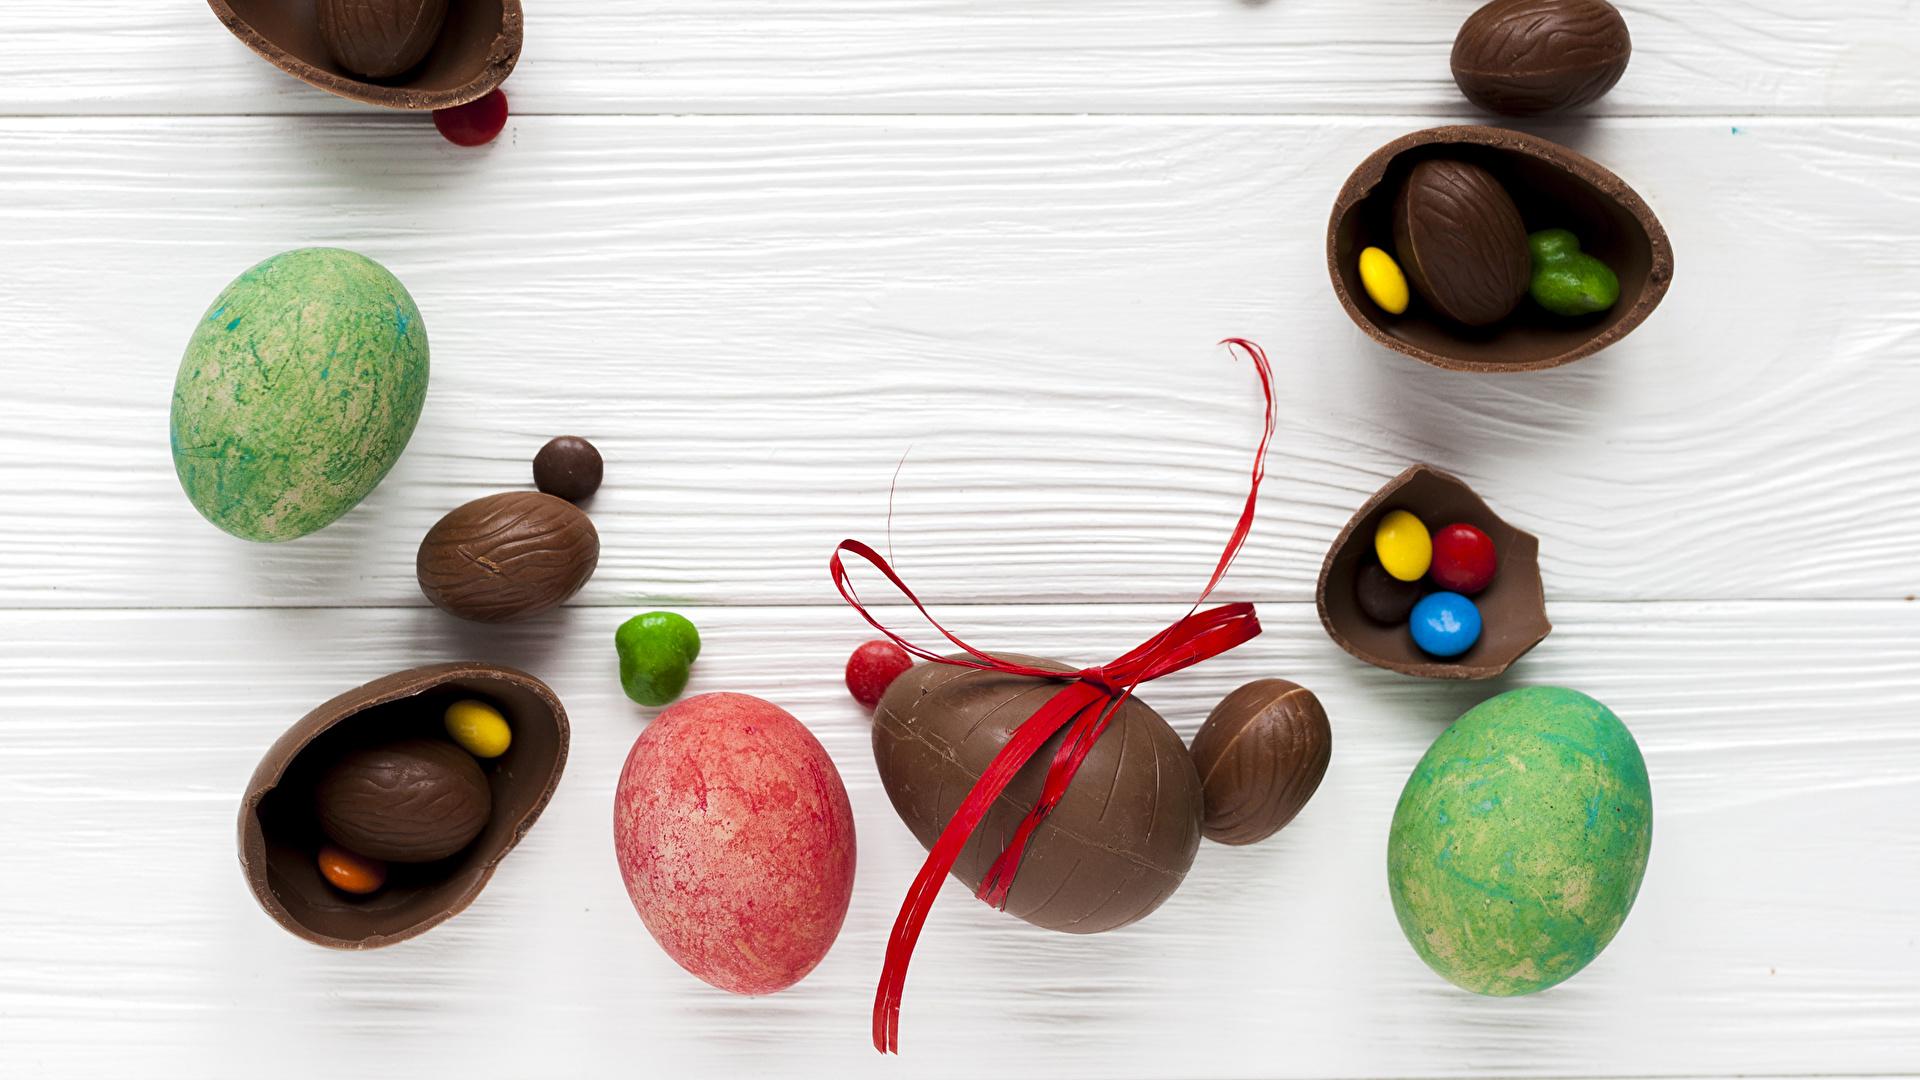 Картинка Пасха яйцо Шоколад Конфеты Еда Сладости Доски 1920x1080 яиц Яйца яйцами Пища Продукты питания сладкая еда